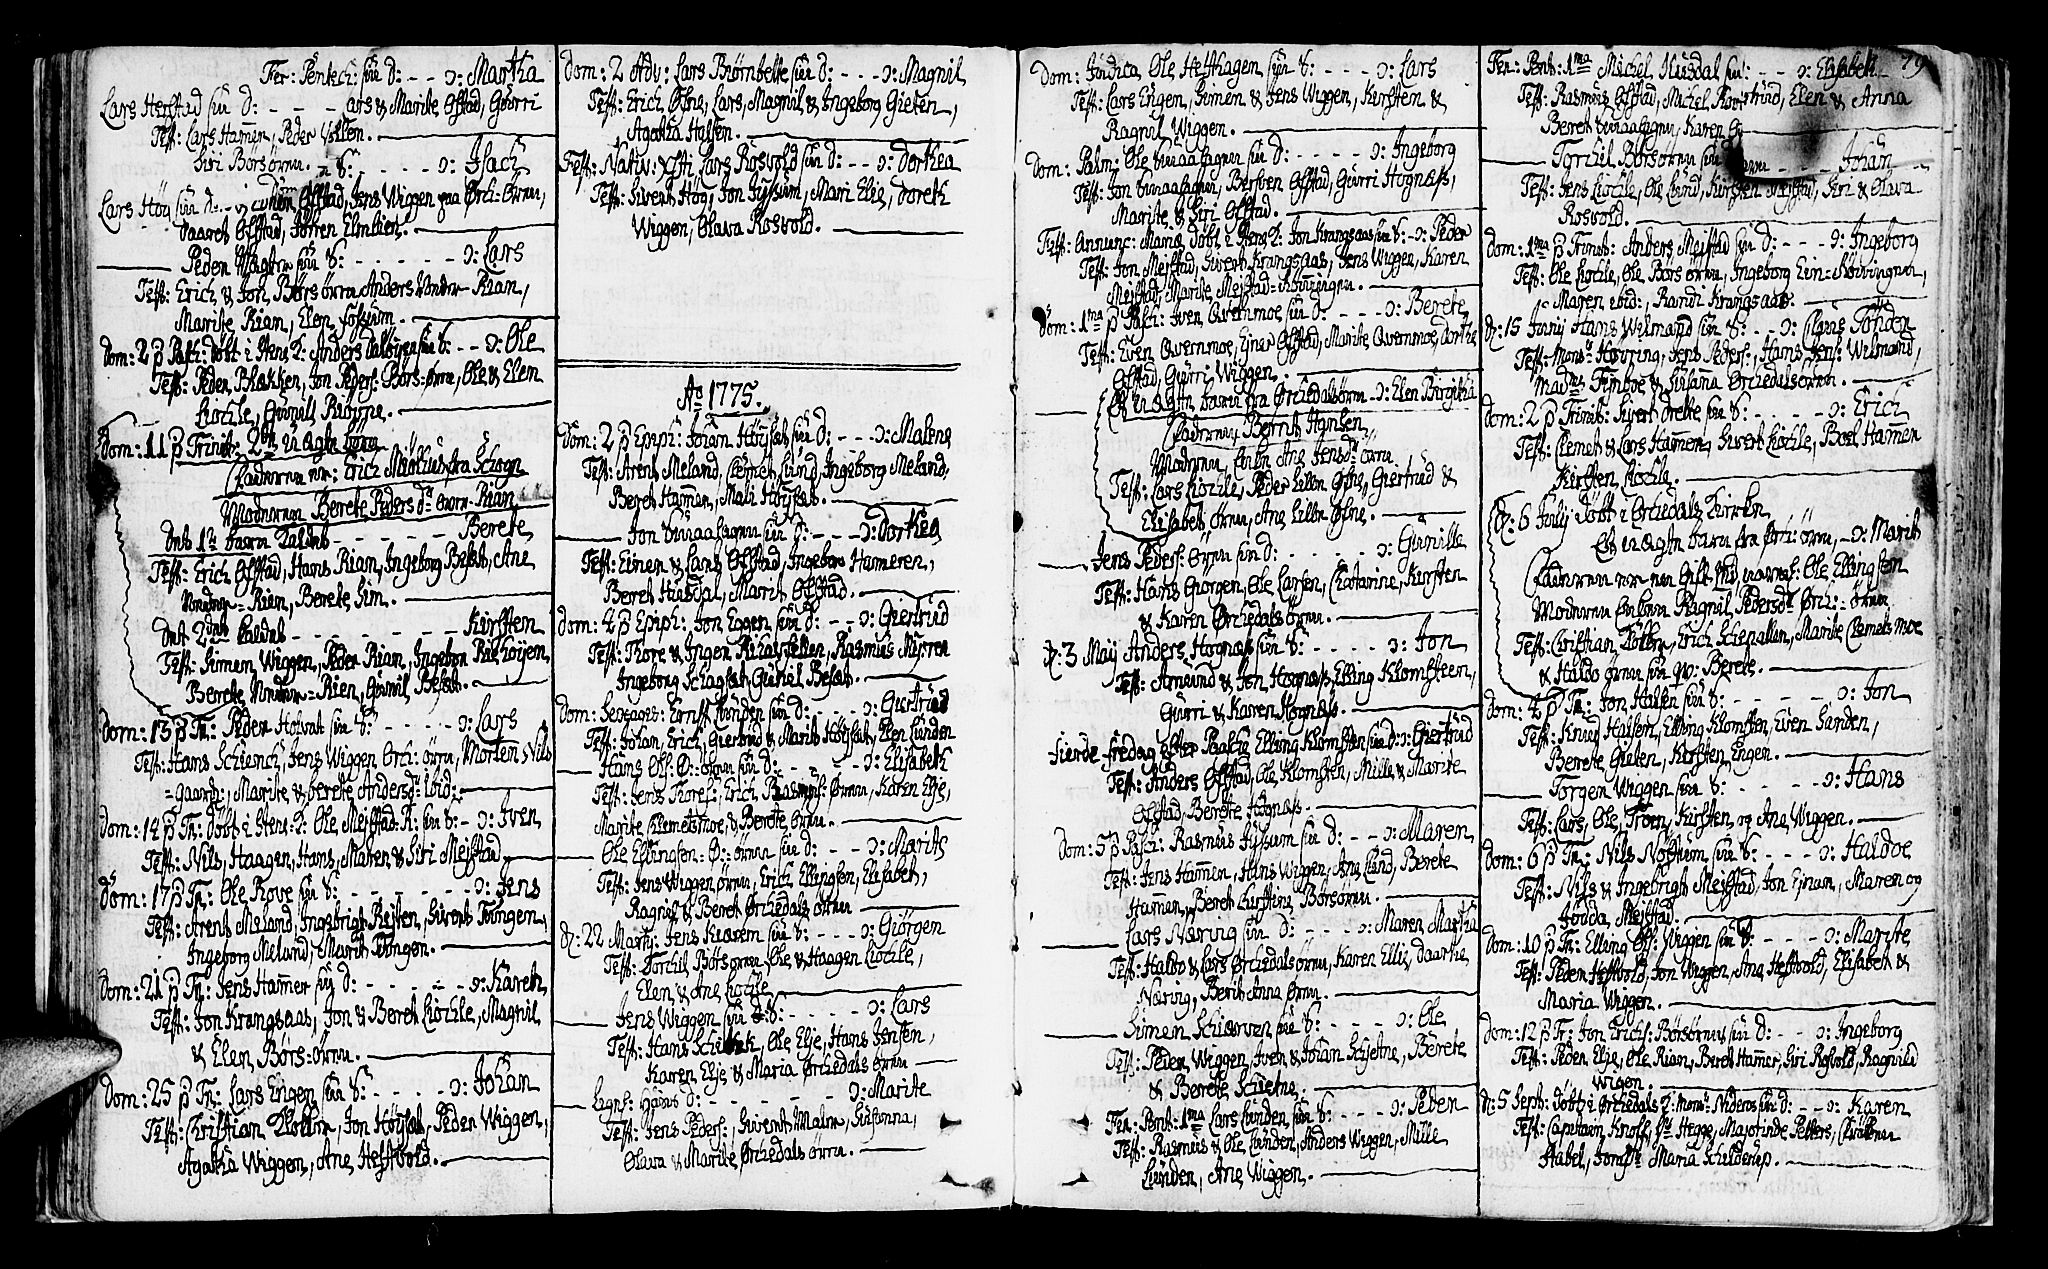 SAT, Ministerialprotokoller, klokkerbøker og fødselsregistre - Sør-Trøndelag, 665/L0768: Ministerialbok nr. 665A03, 1754-1803, s. 78